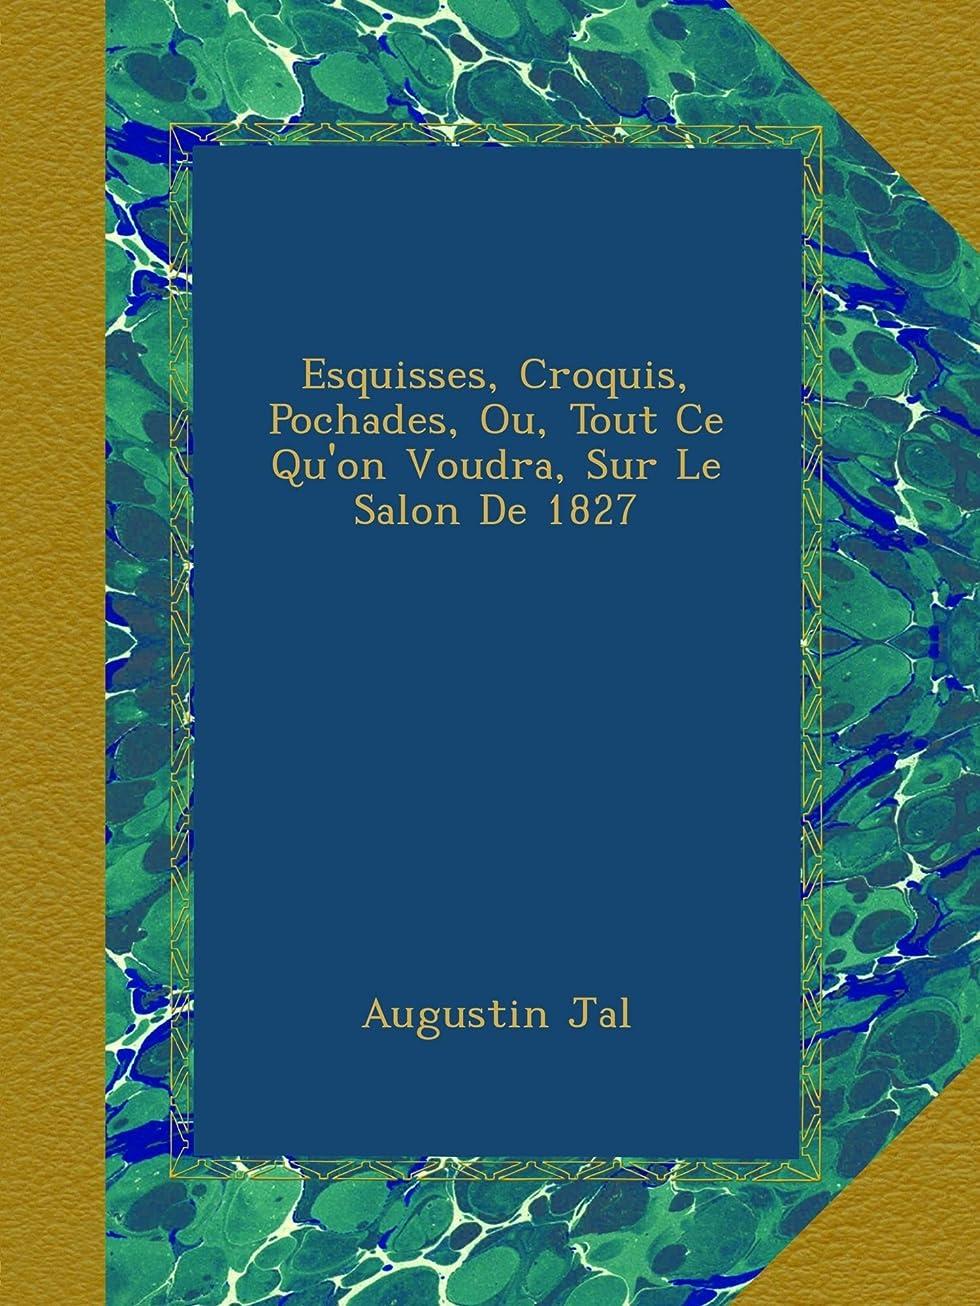 断片せせらぎ技術者Esquisses, Croquis, Pochades, Ou, Tout Ce Qu'on Voudra, Sur Le Salon De 1827